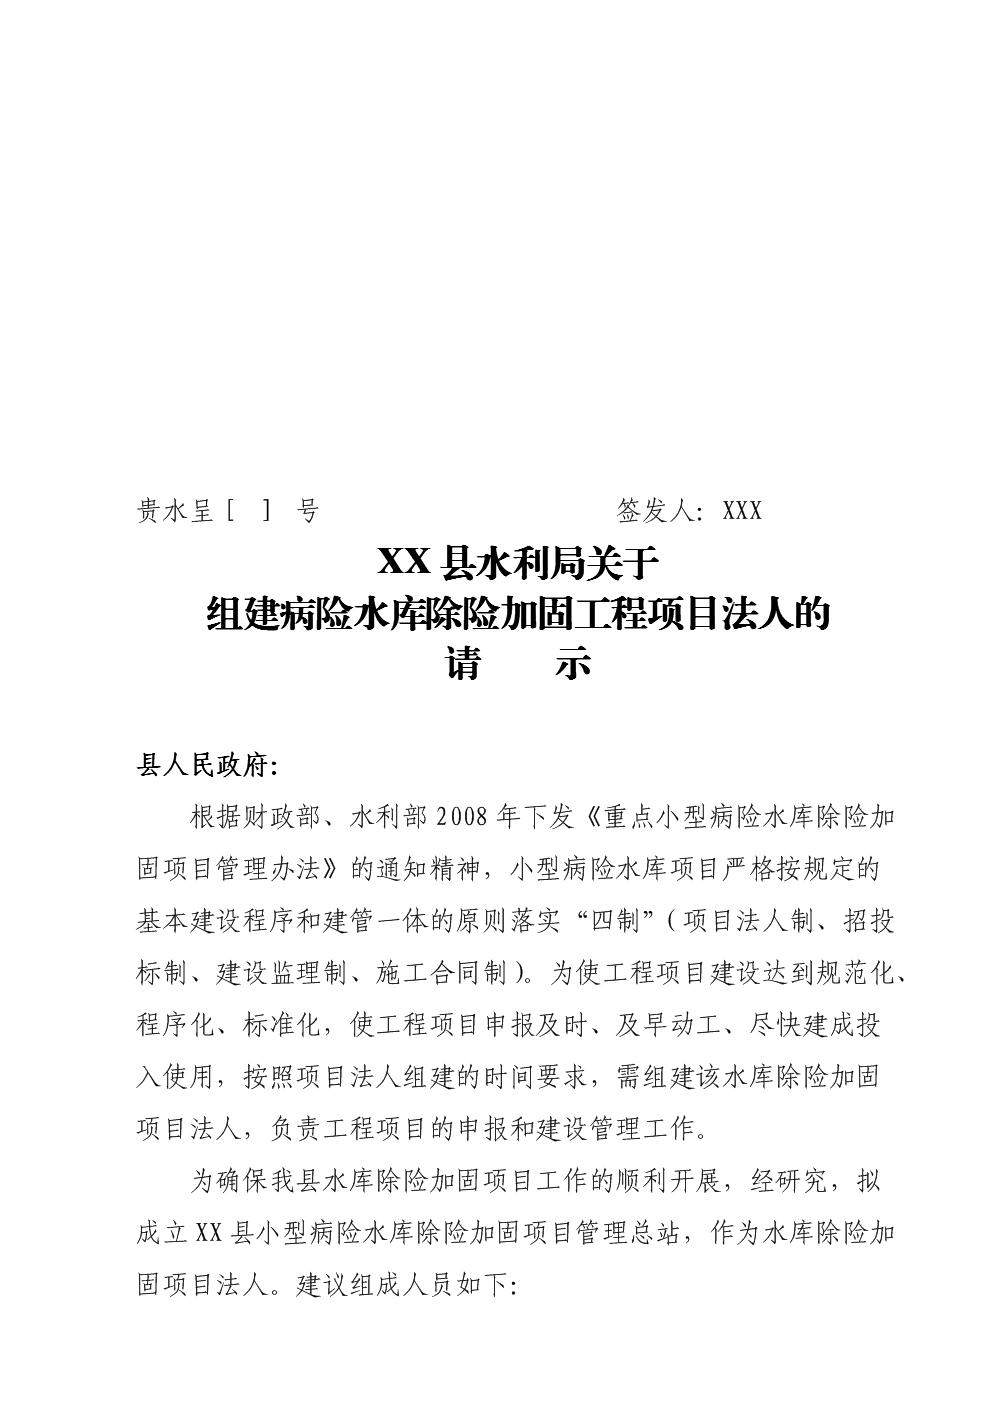 病险库项目法人请示(范文).doc